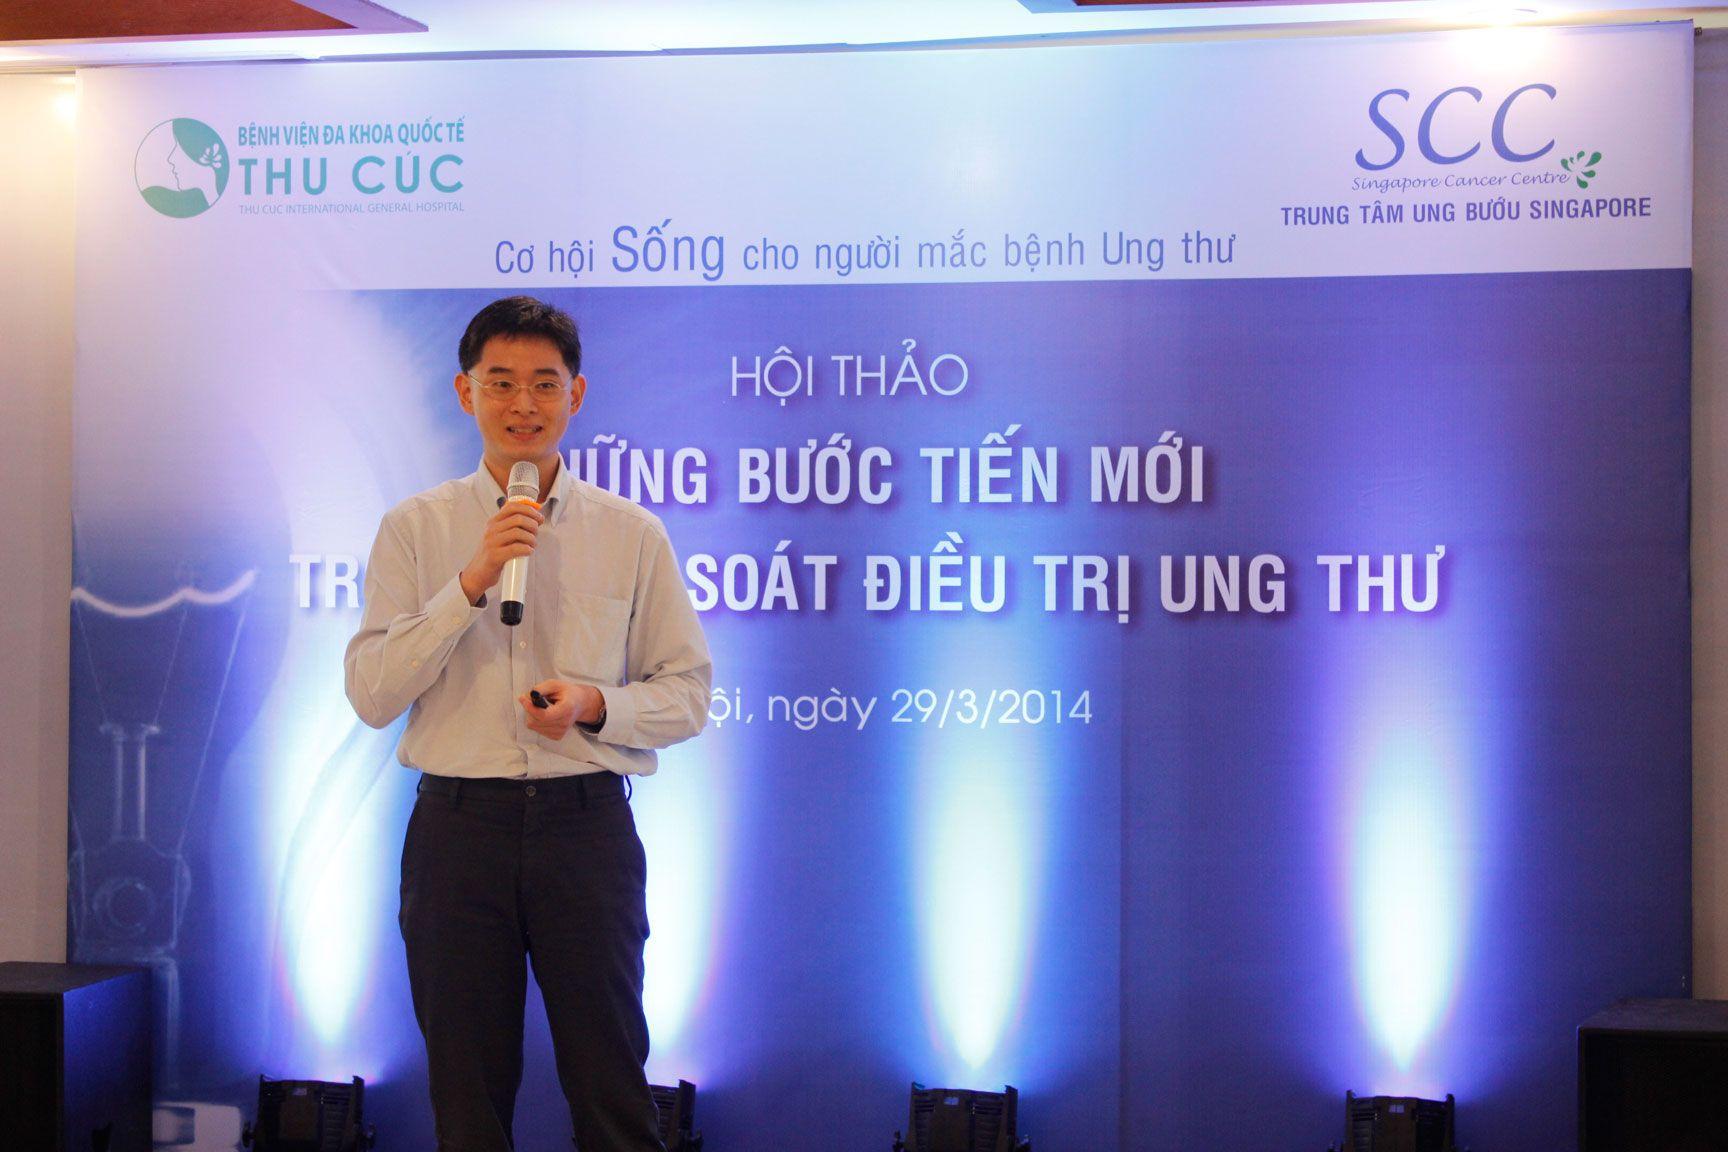 Bác sĩ Zee Ying Kiat - bác sĩ Chuyên khoa Y tế Ung thư Tư vấn tại Viện Ung thư Đại học Quốc gia Singapore - chuyên gia điều trị các bệnh ung thư về đường tiêu hóa như dạ dày, thực quản, gan, tuyến tụy và đại trực tràng tại Bệnh viện Thu Cúc.